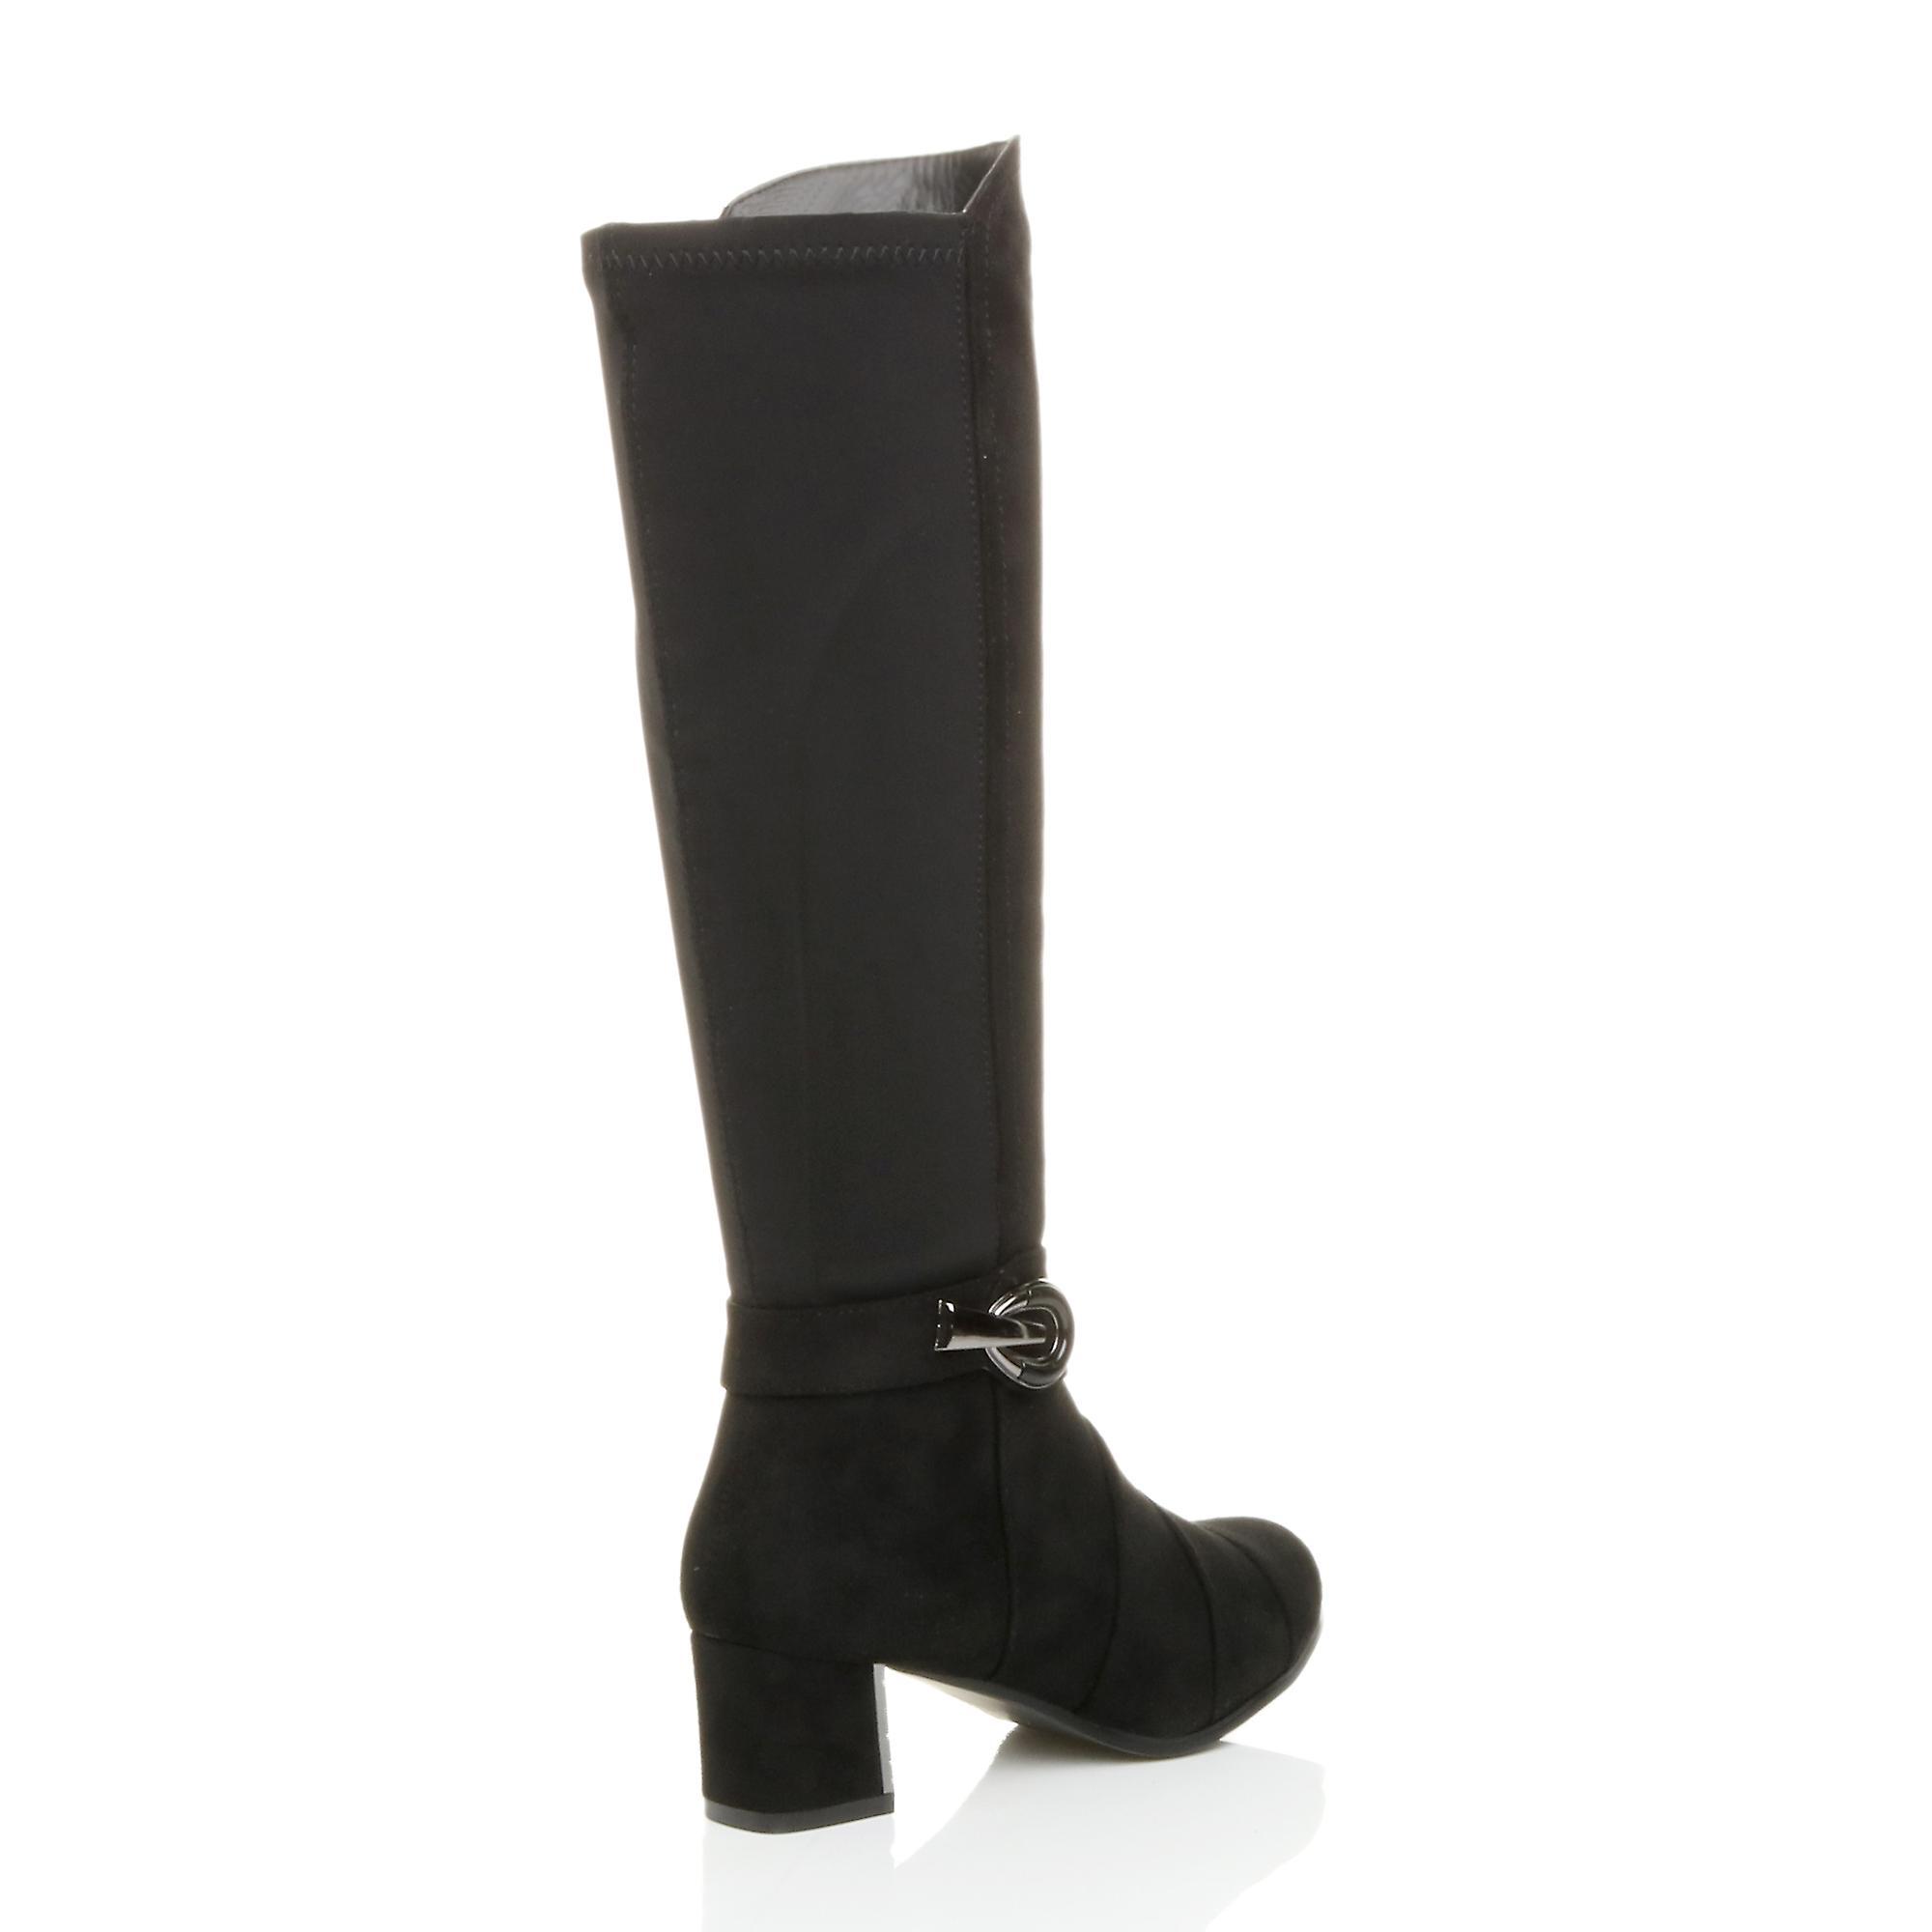 Ajvani dame midt blussede blok hæl zip spænde strække lagdelt læggen støvler